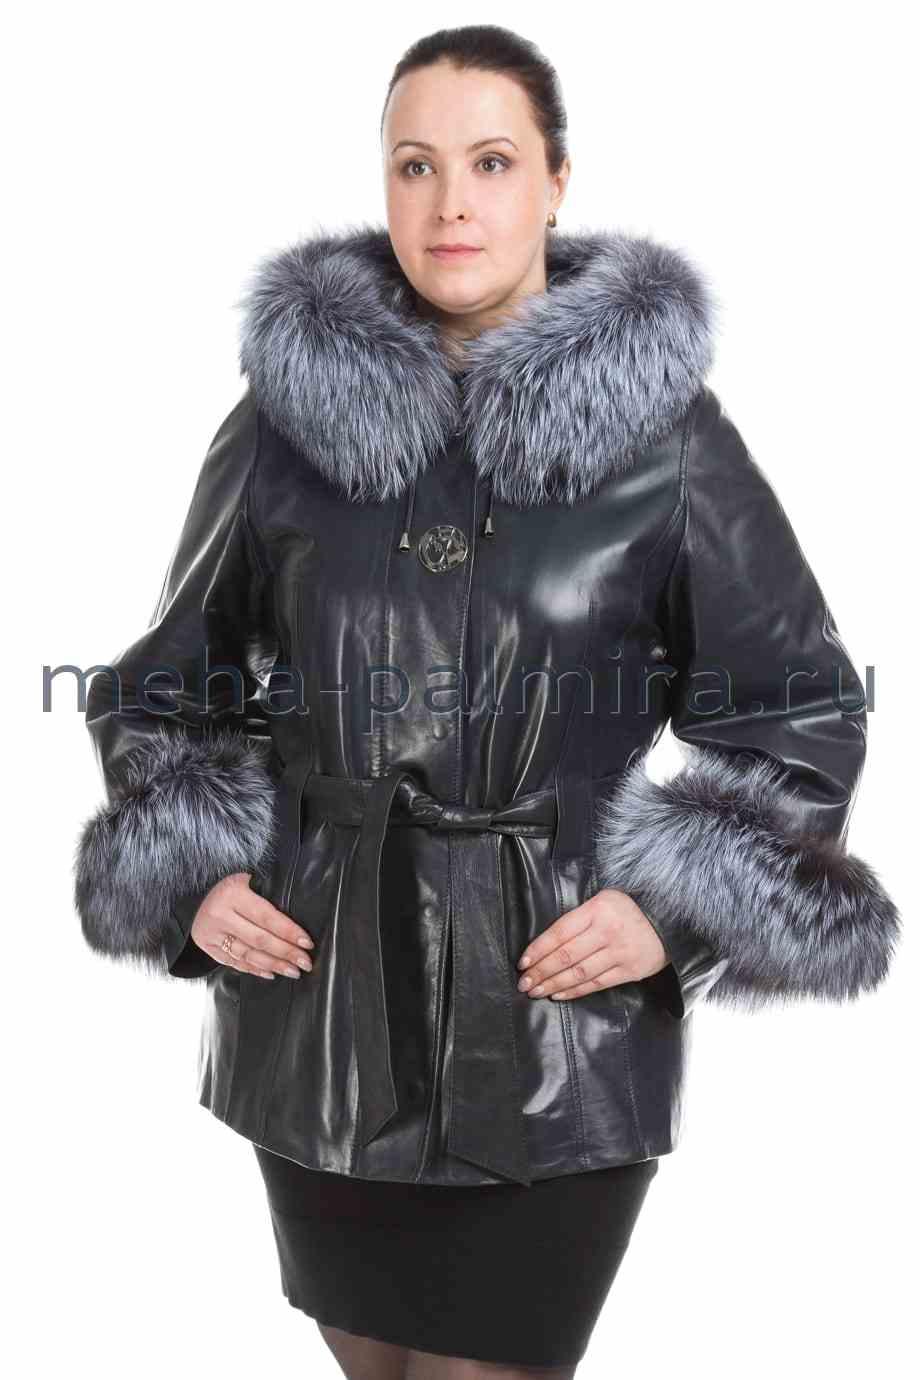 Удлиненная женская куртка из кожи с капюшоном, отделка мех чернобурки